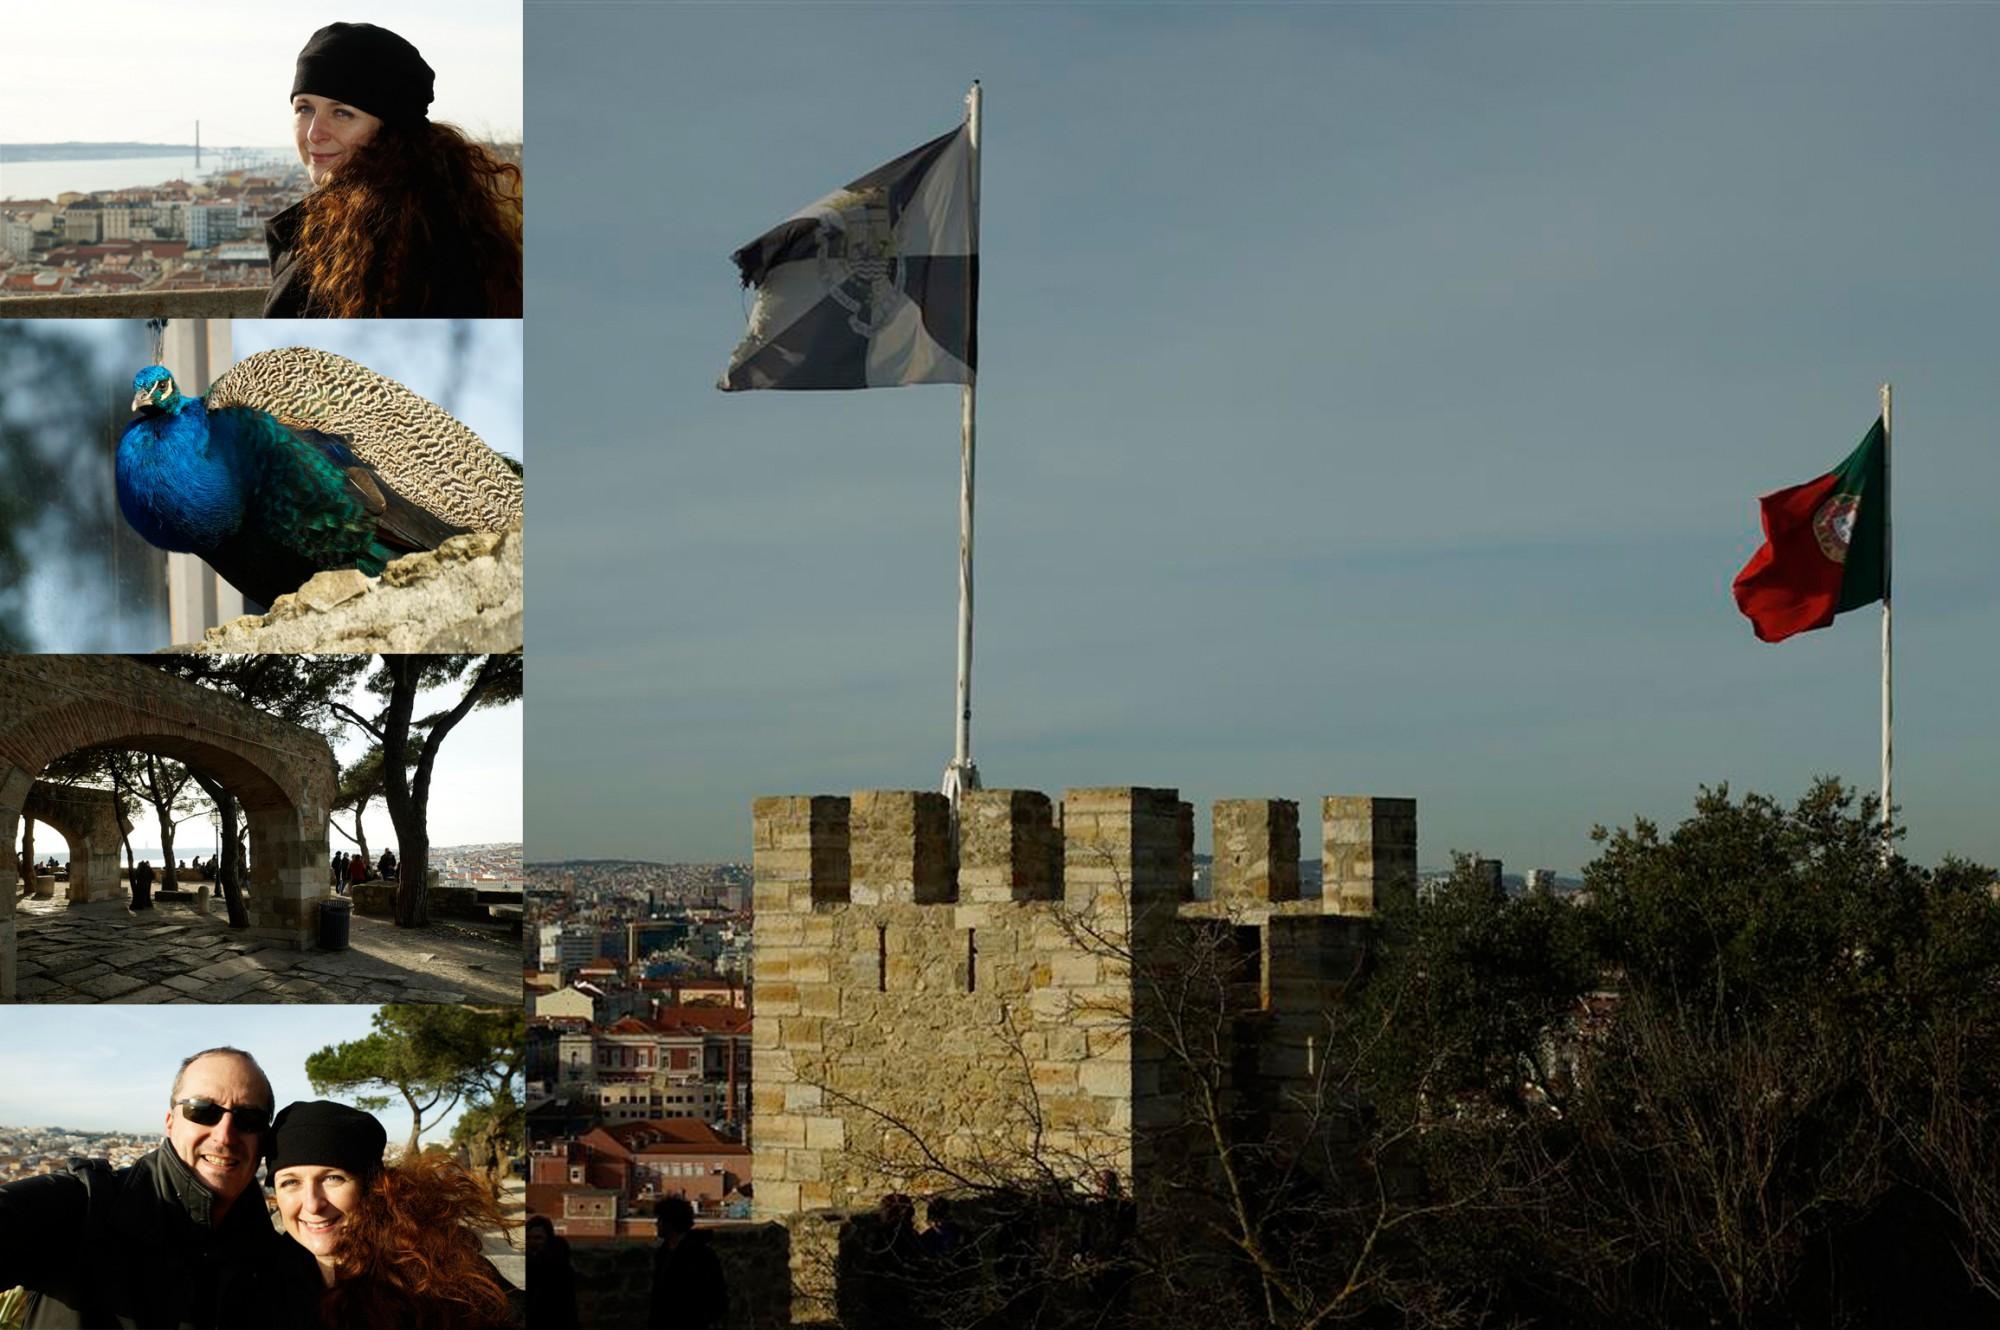 Reisetipps Lissabon in Winter von Ü40 Bloggerin Cerstin iknmlo Castelo